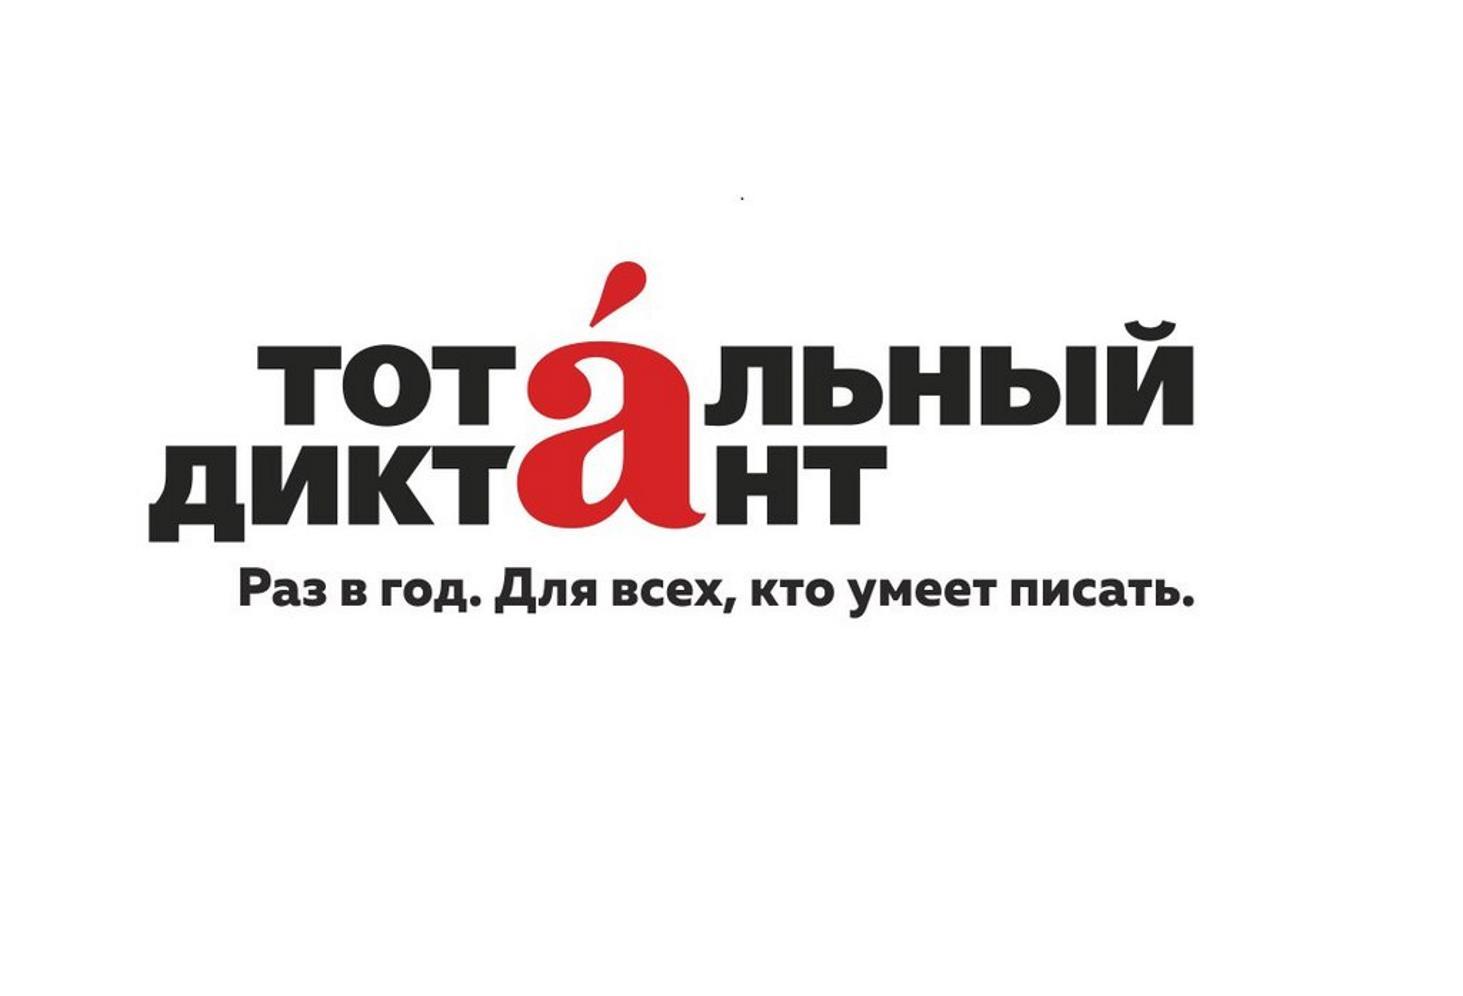 Яндекс.Учебник и Тотальный диктант запускают онлайн-диктанты для школьников